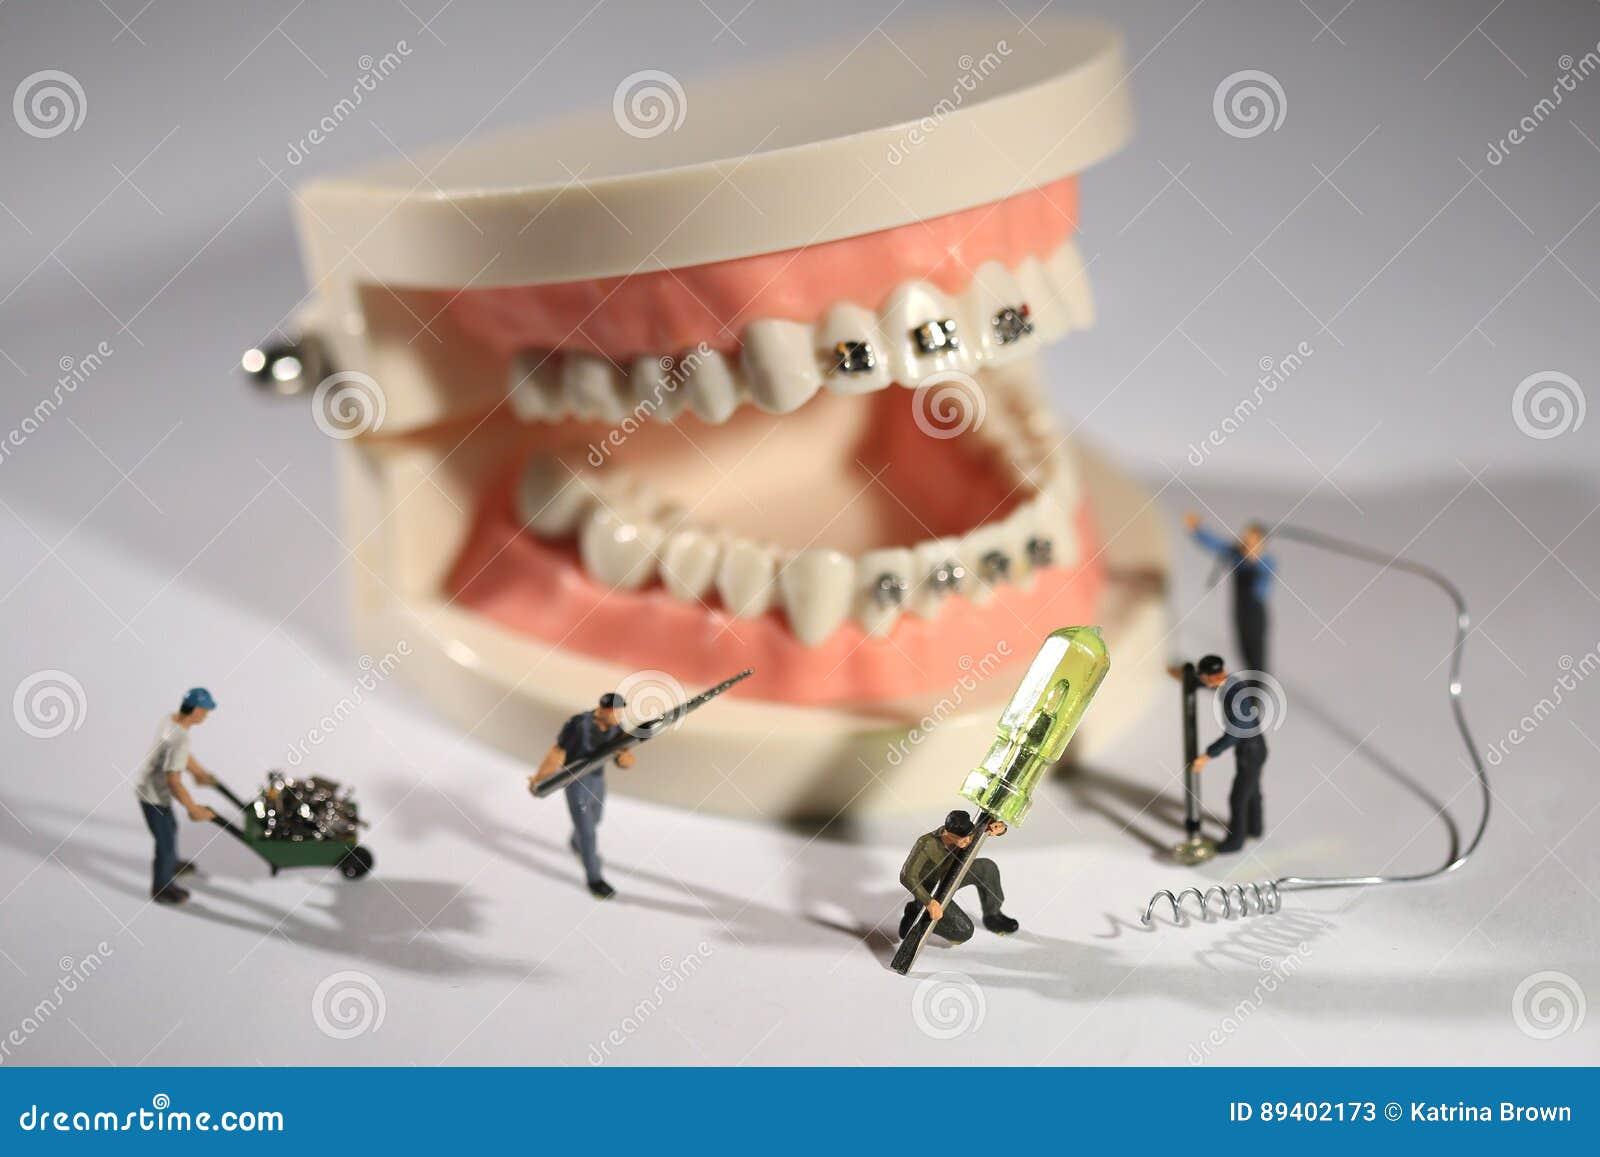 Travailleurs miniatures exécutant des procédures dentaires Bureau dentaire AR